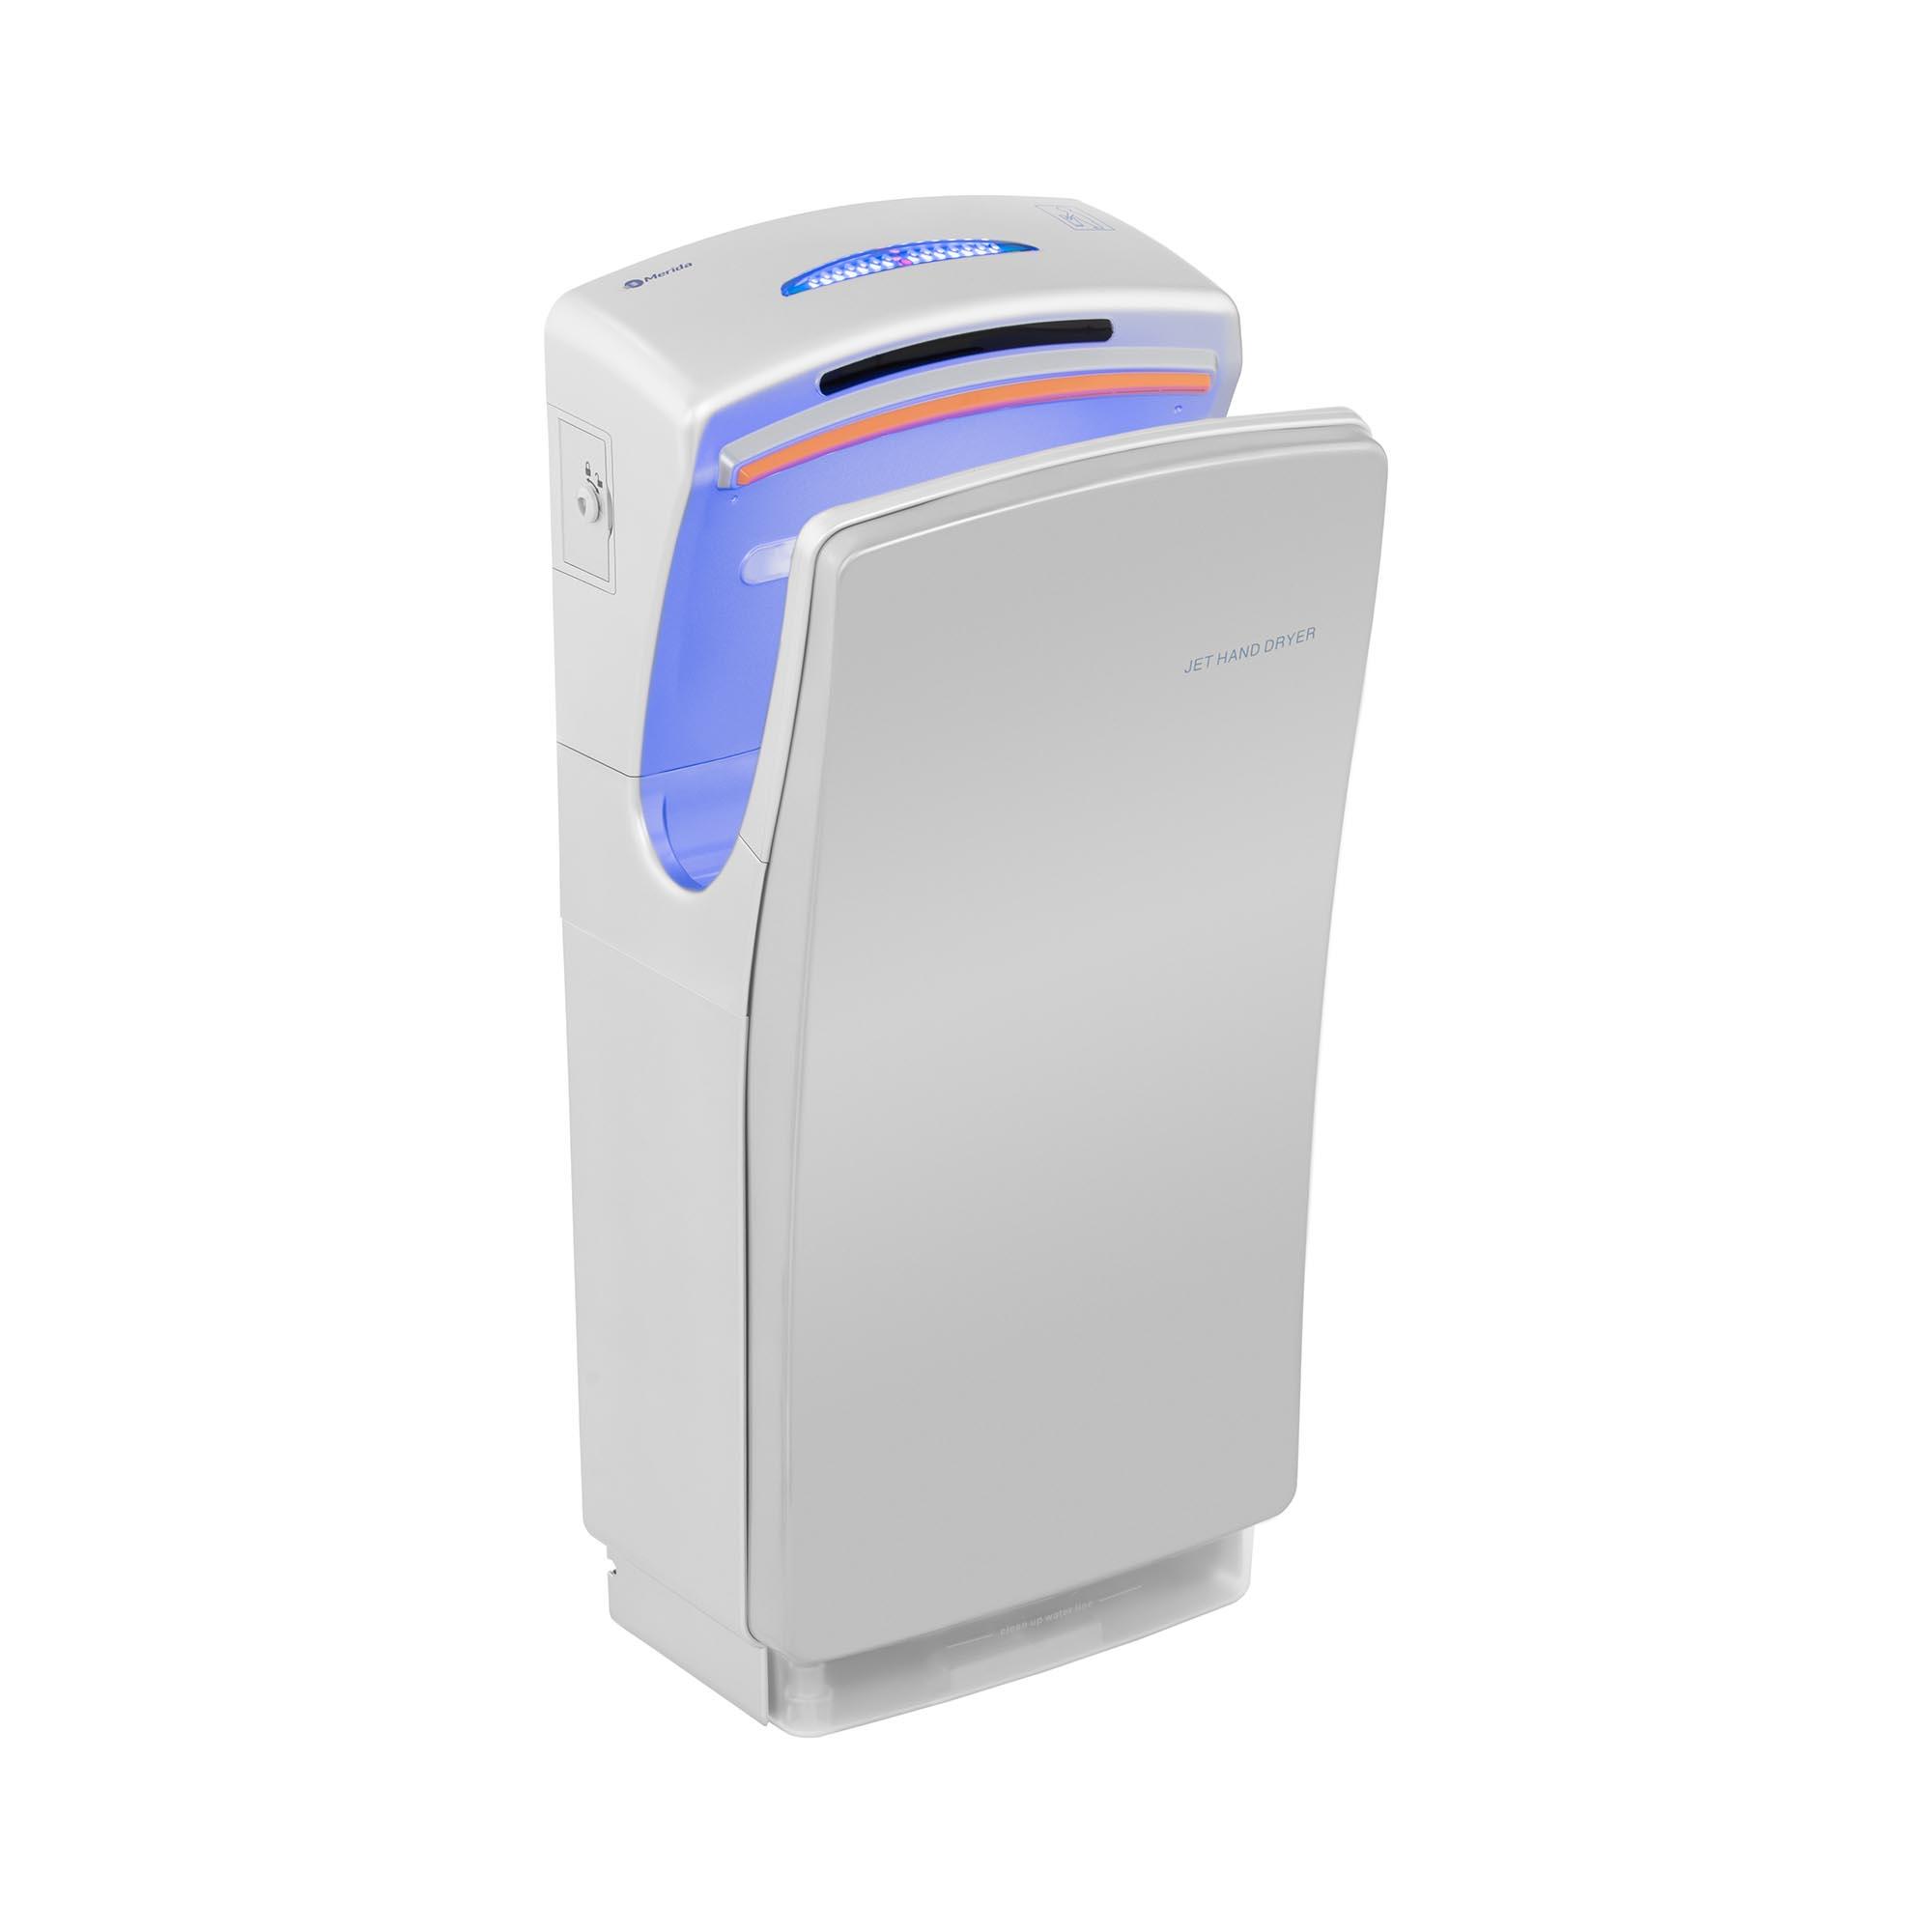 Merida Händetrockner - elektrisch - 1.400 W / 700 W - grau 10290001